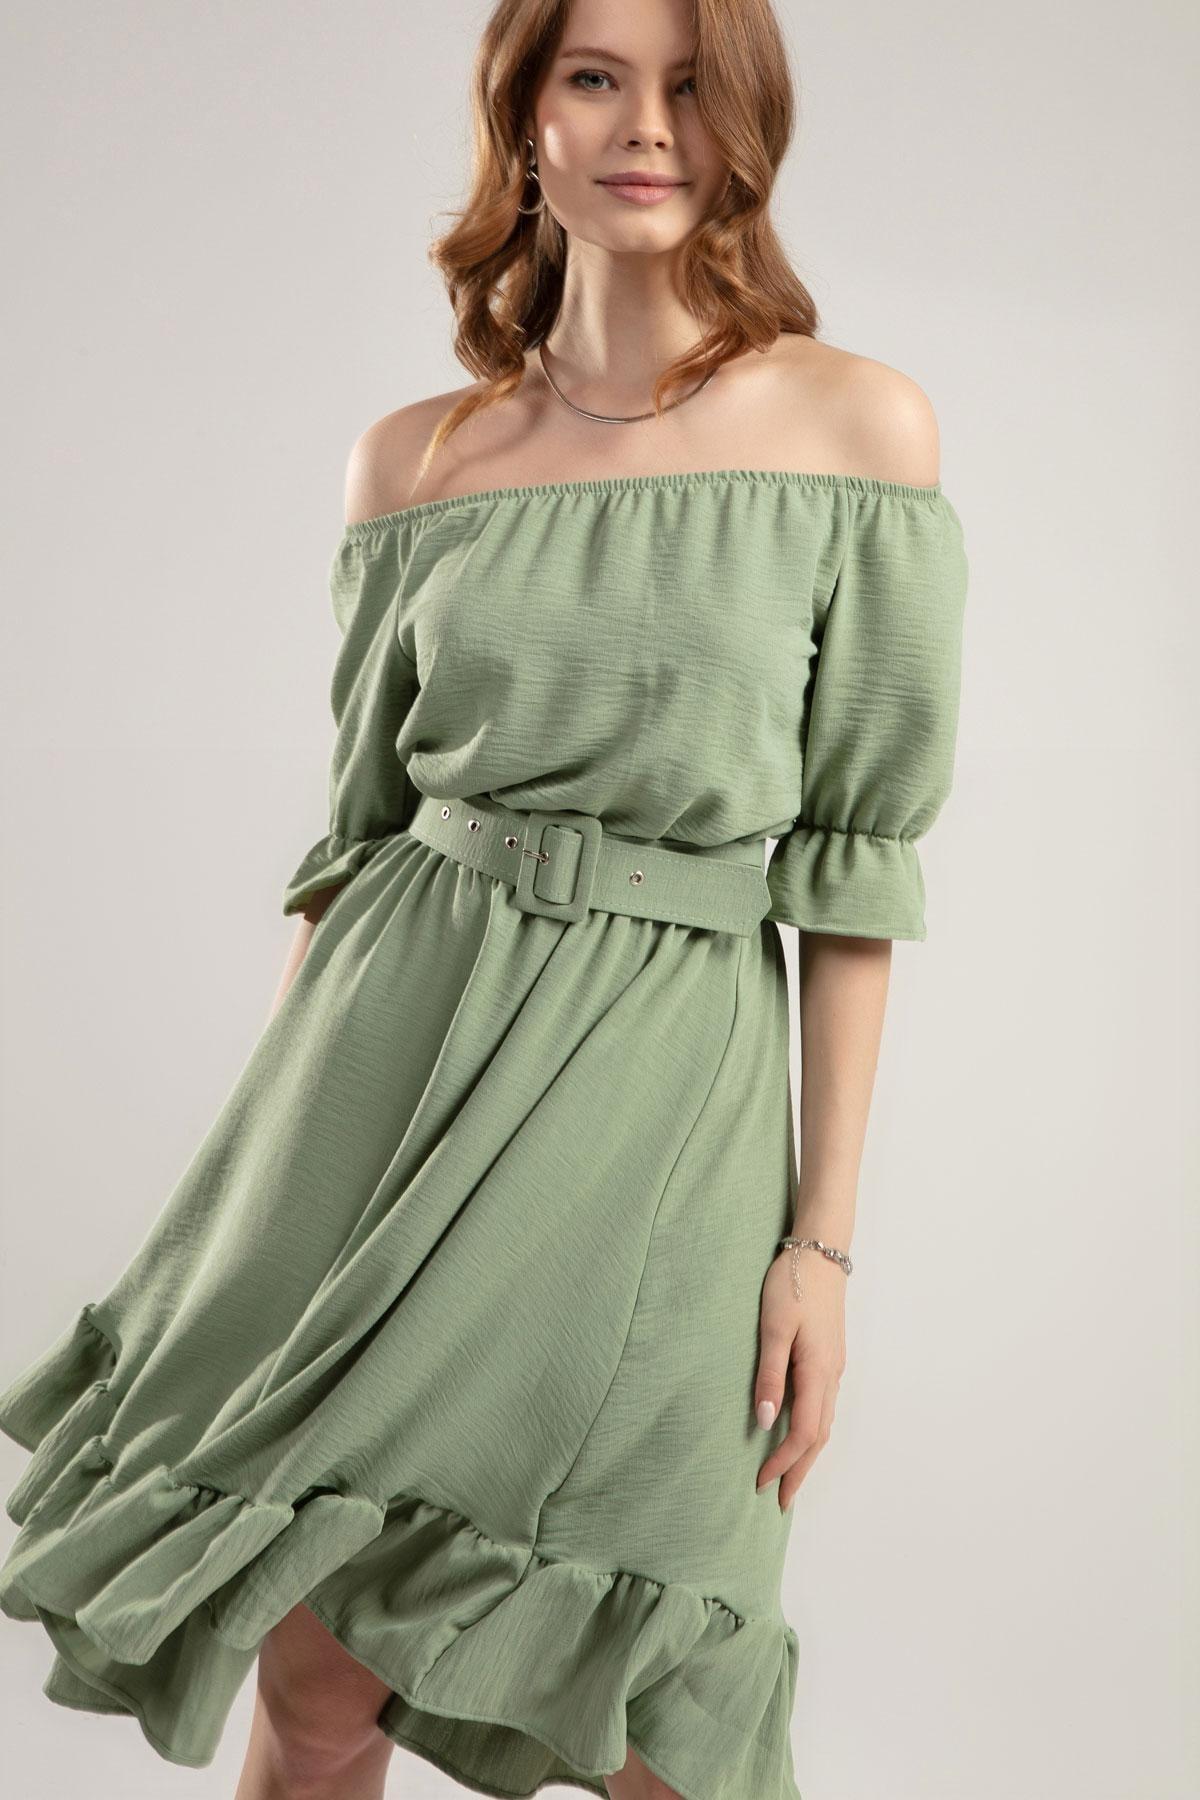 Y-London Kadın Yeşil Fırfırlı Bileği Beli Lastikli Krinkıl Straplez Elbise Y20S126-10565